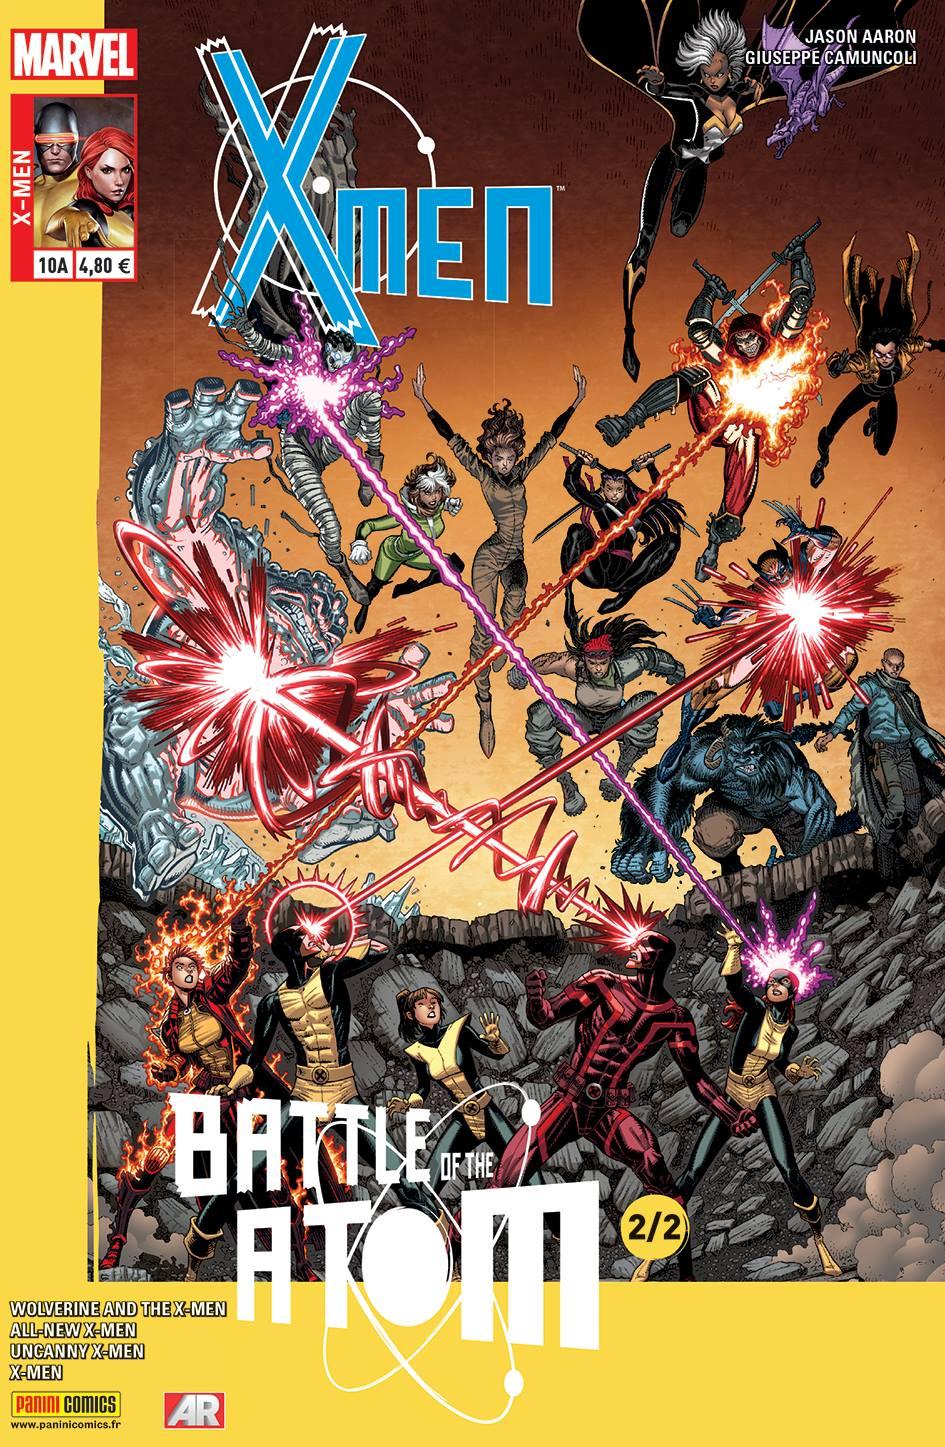 X-MEN 10 : LA BATAILLE DE L'ATOME 2/2 (Couv A)